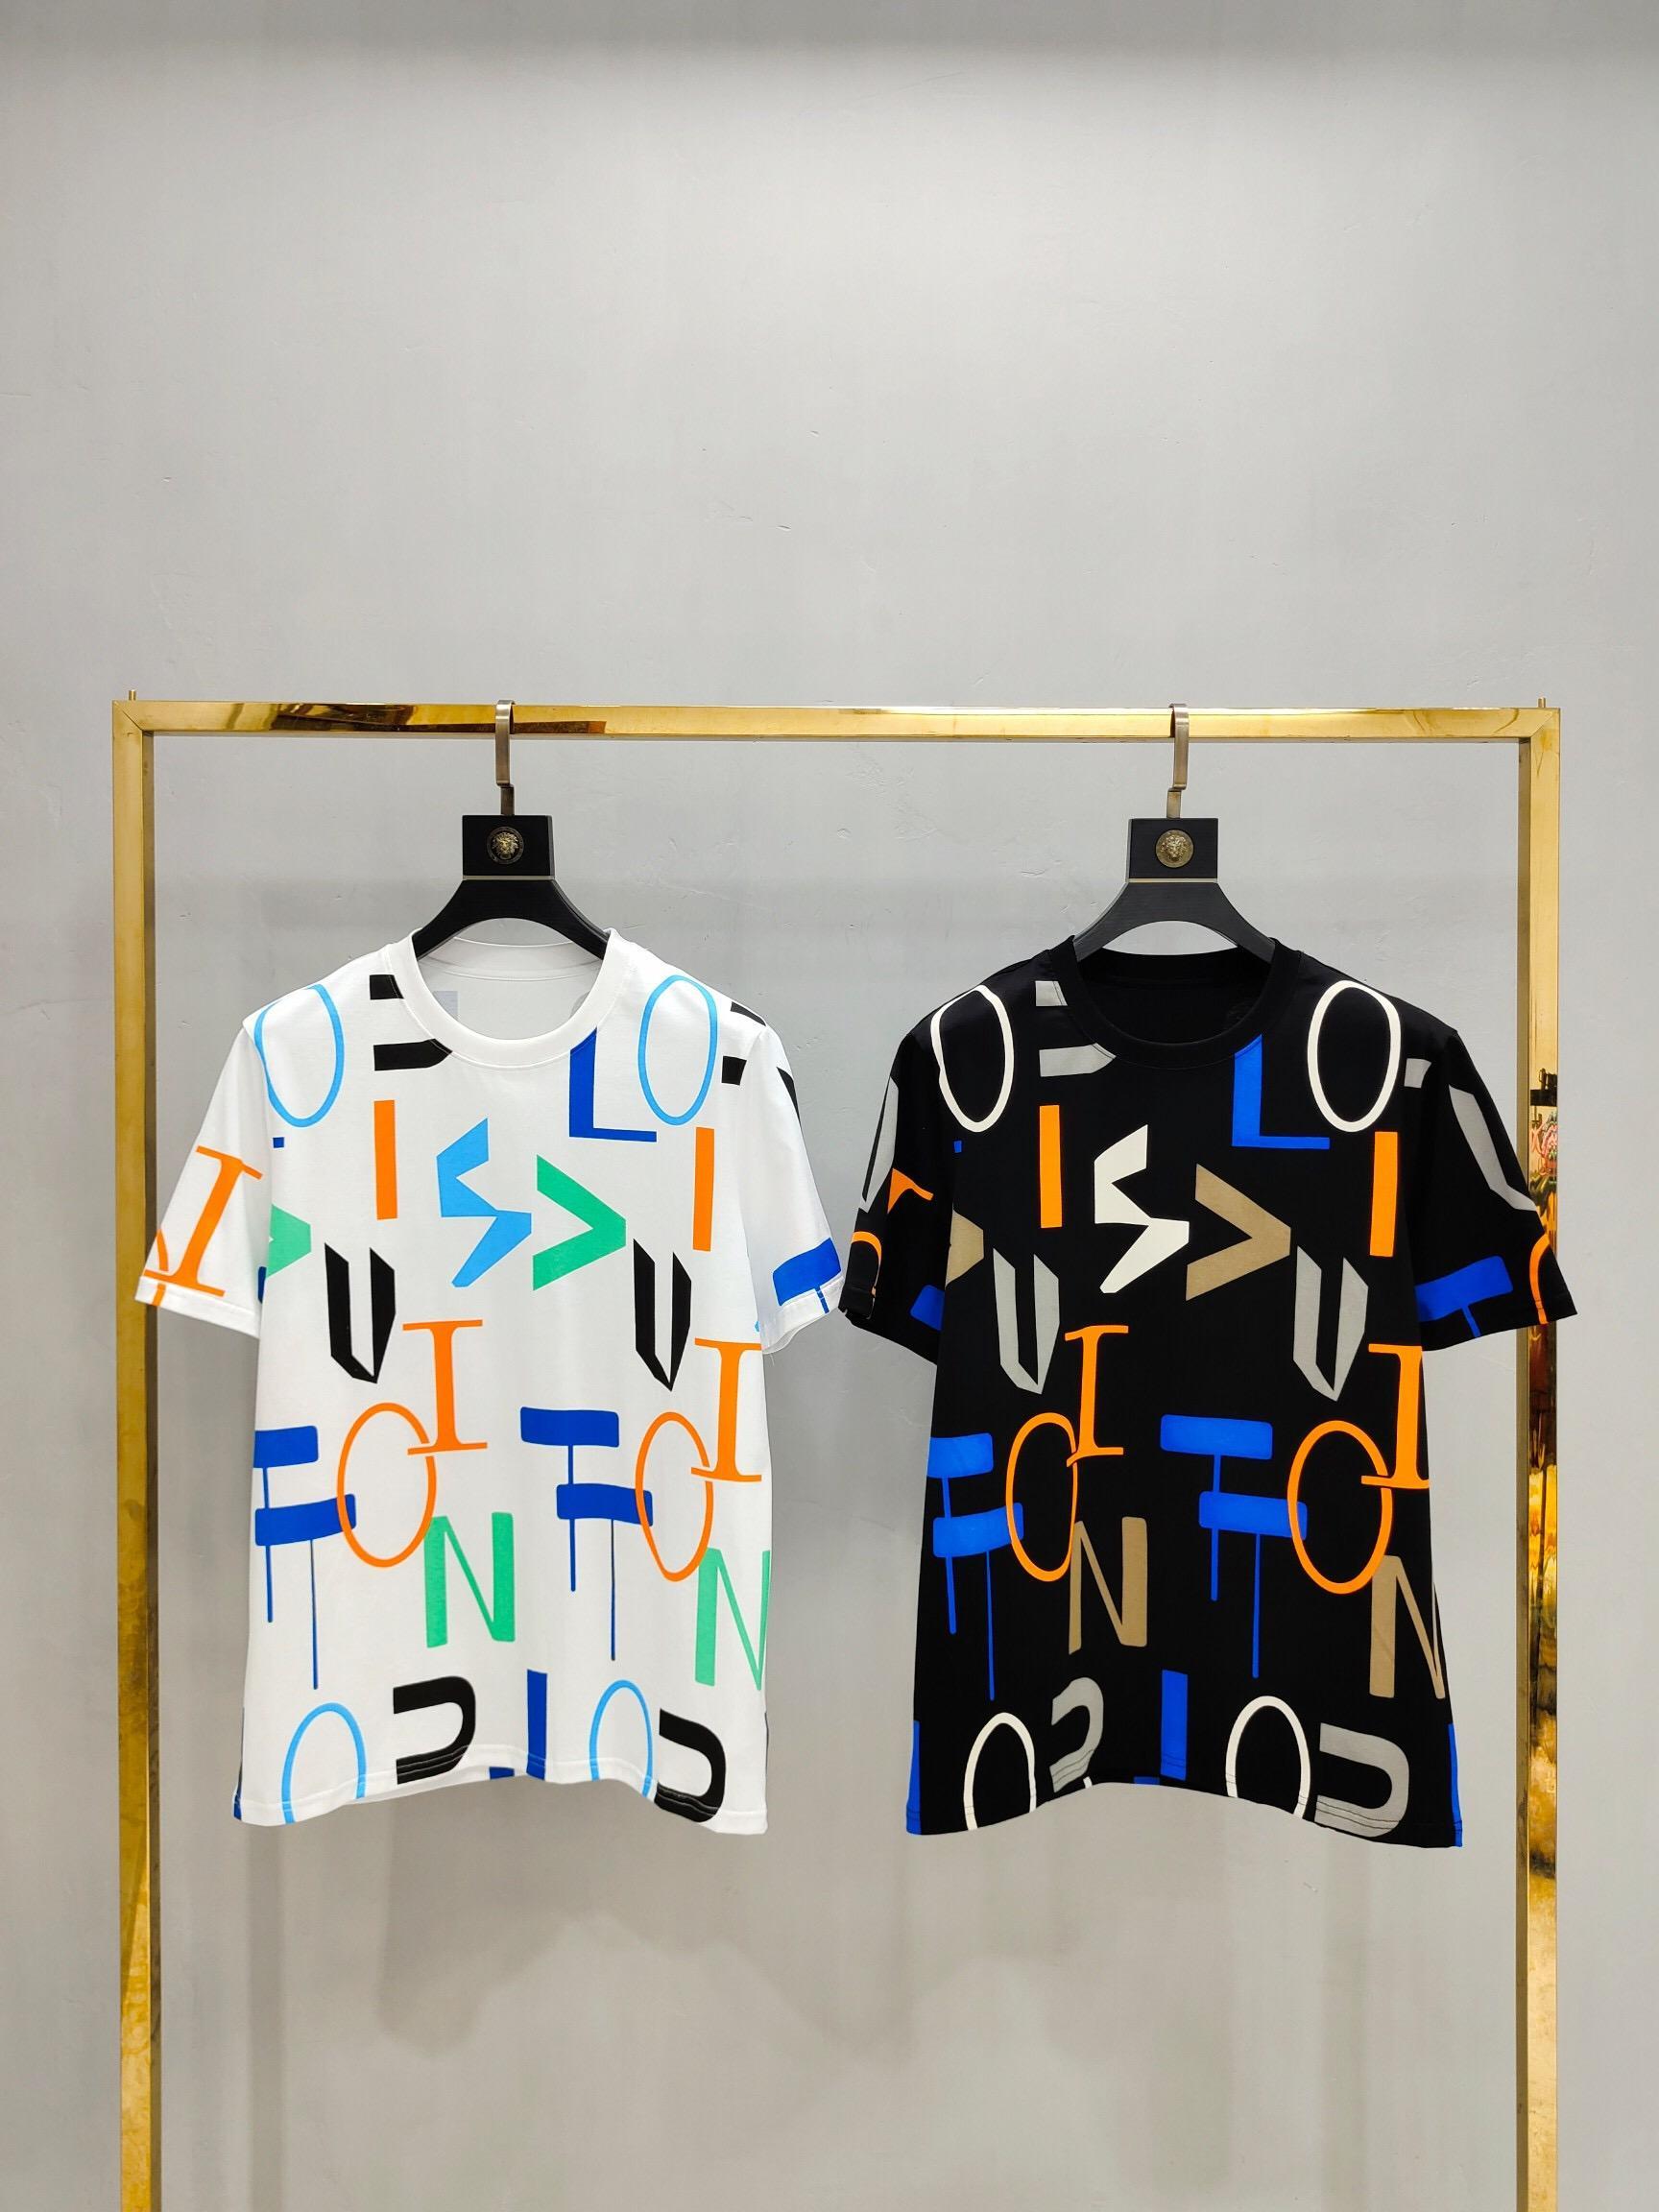 Verano 2020 de los hombres nueva camiseta impresa camiseta de la solapa Conjunto de la camisa de cuello redondo manga corta camiseta, tendencia de la moda camiseta informal para el tamaño de los hombres 15